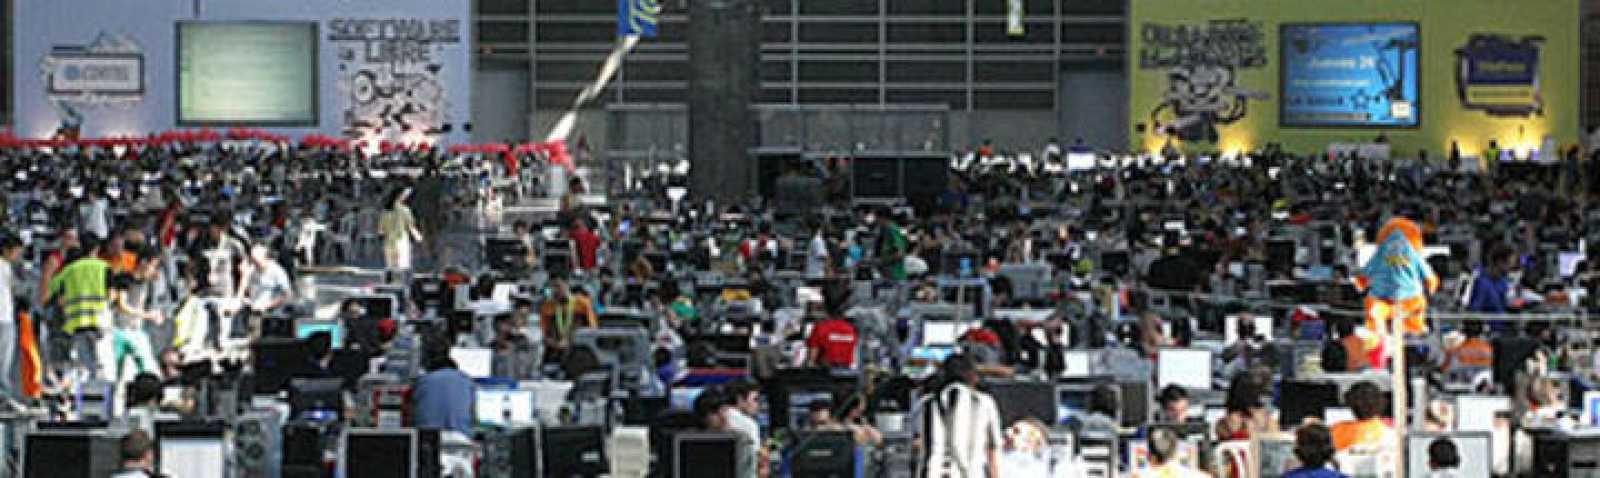 Campus Party de Valencia